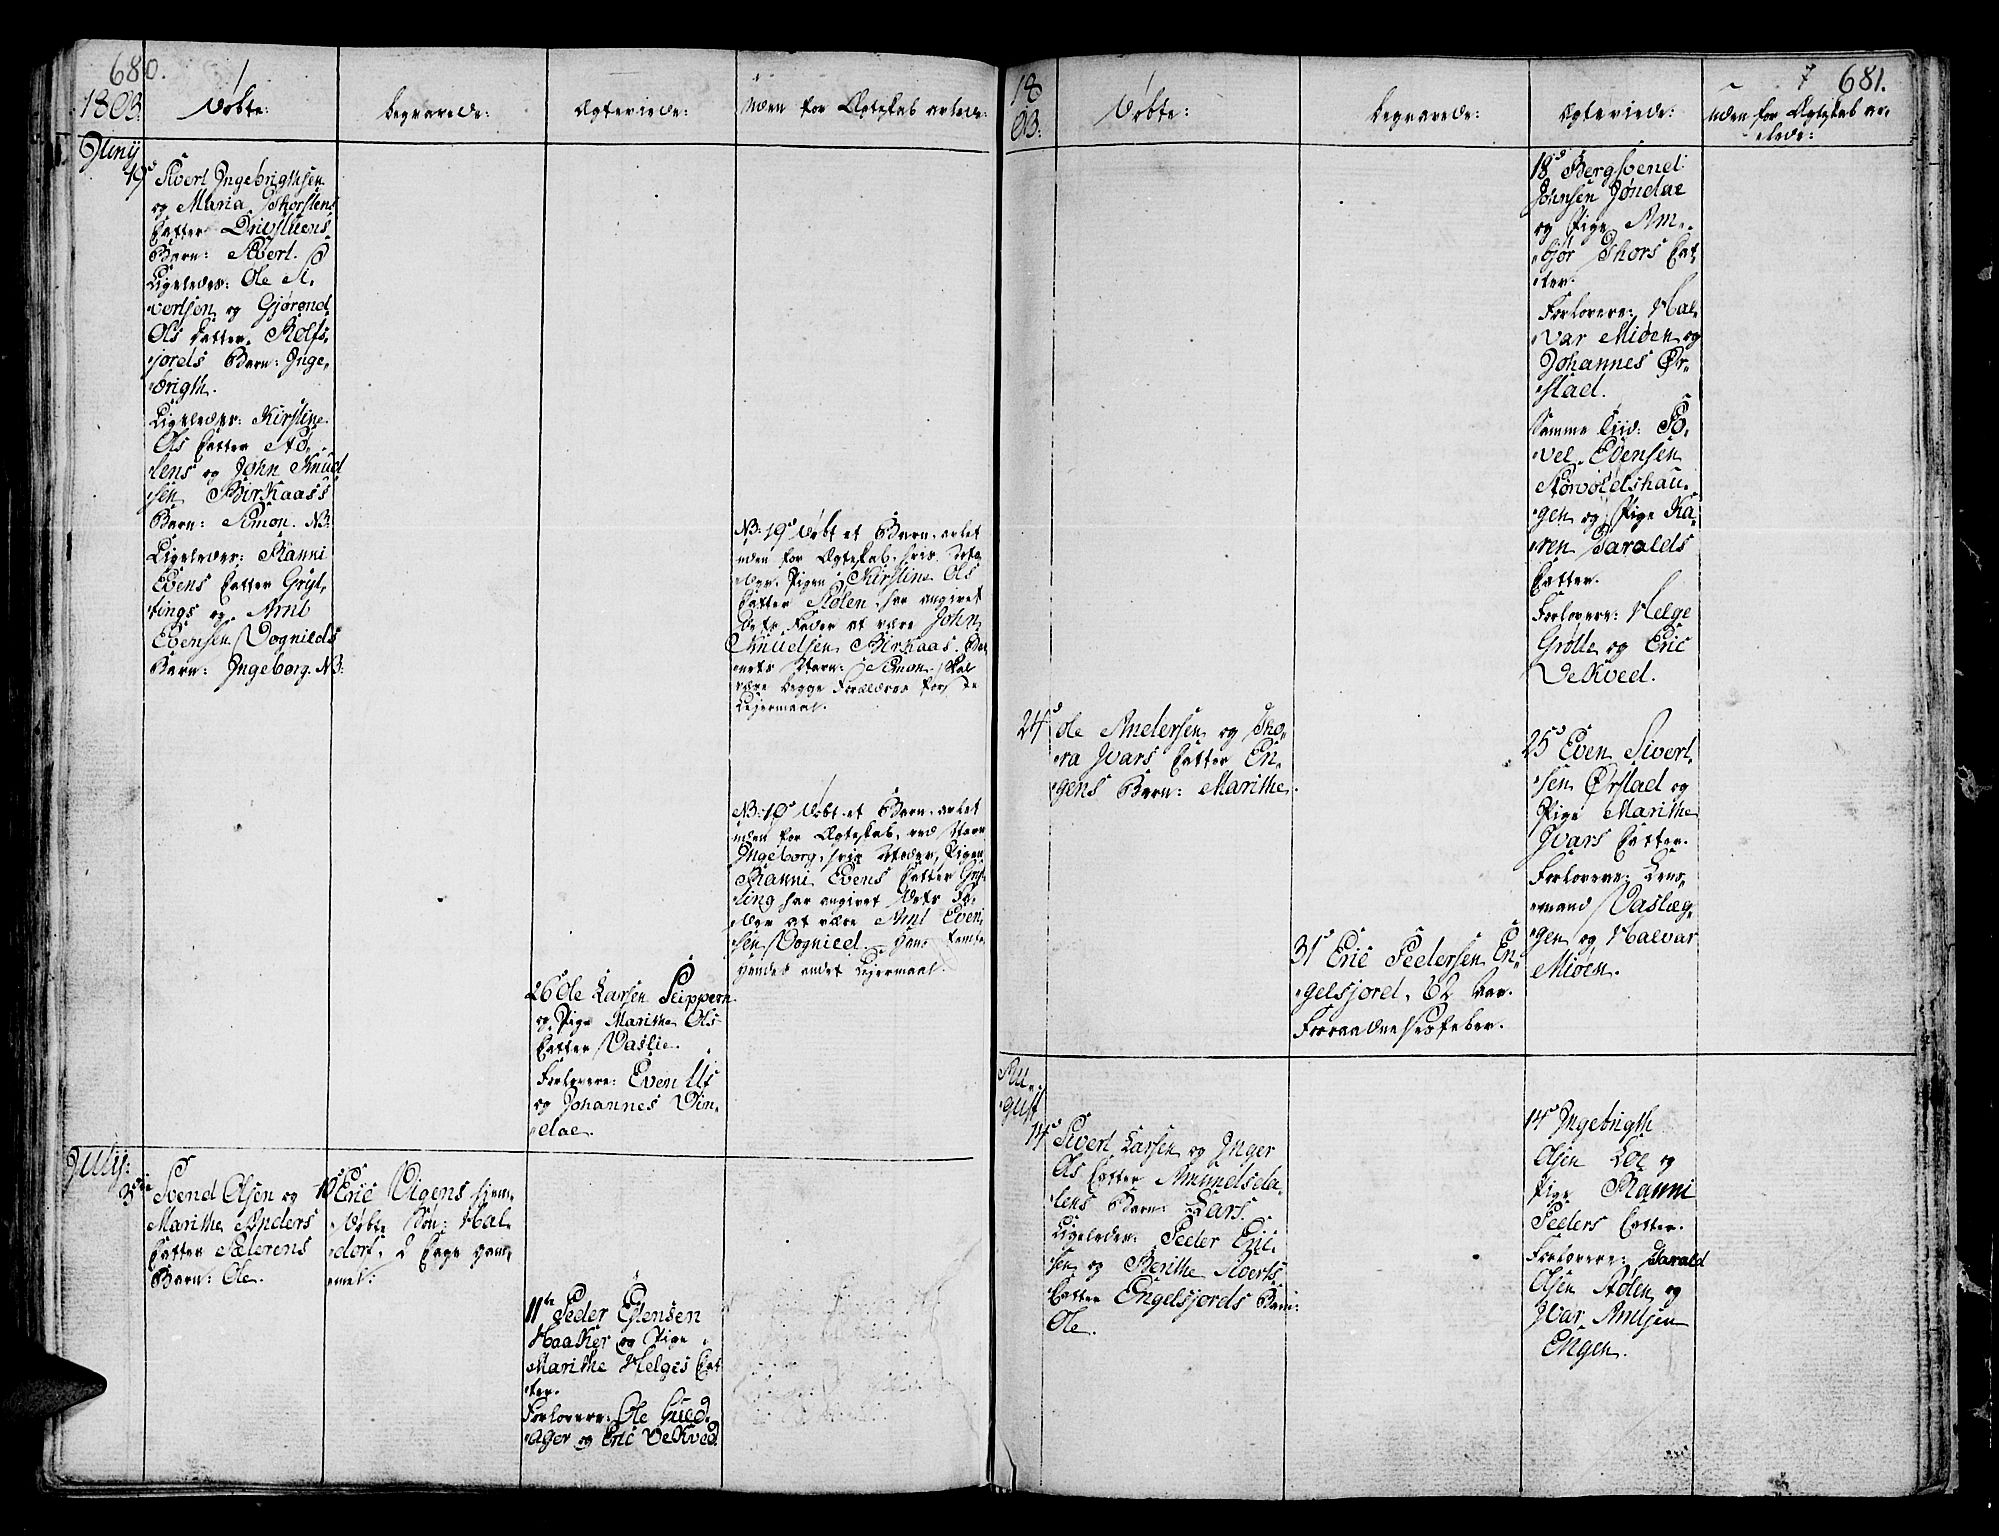 SAT, Ministerialprotokoller, klokkerbøker og fødselsregistre - Sør-Trøndelag, 678/L0893: Ministerialbok nr. 678A03, 1792-1805, s. 680-681